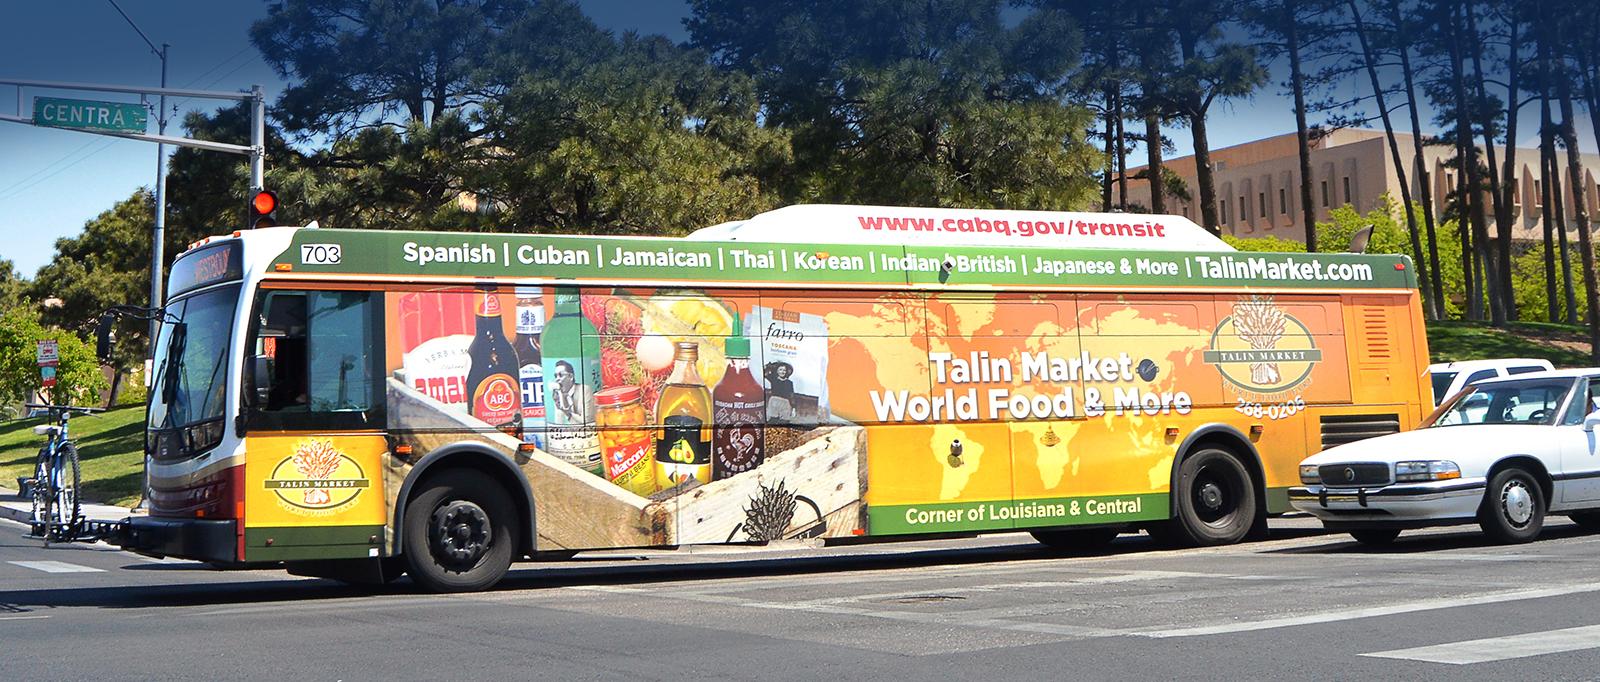 Quảng cáo trên xe bus với khoảng cách giữa Tây và Ta